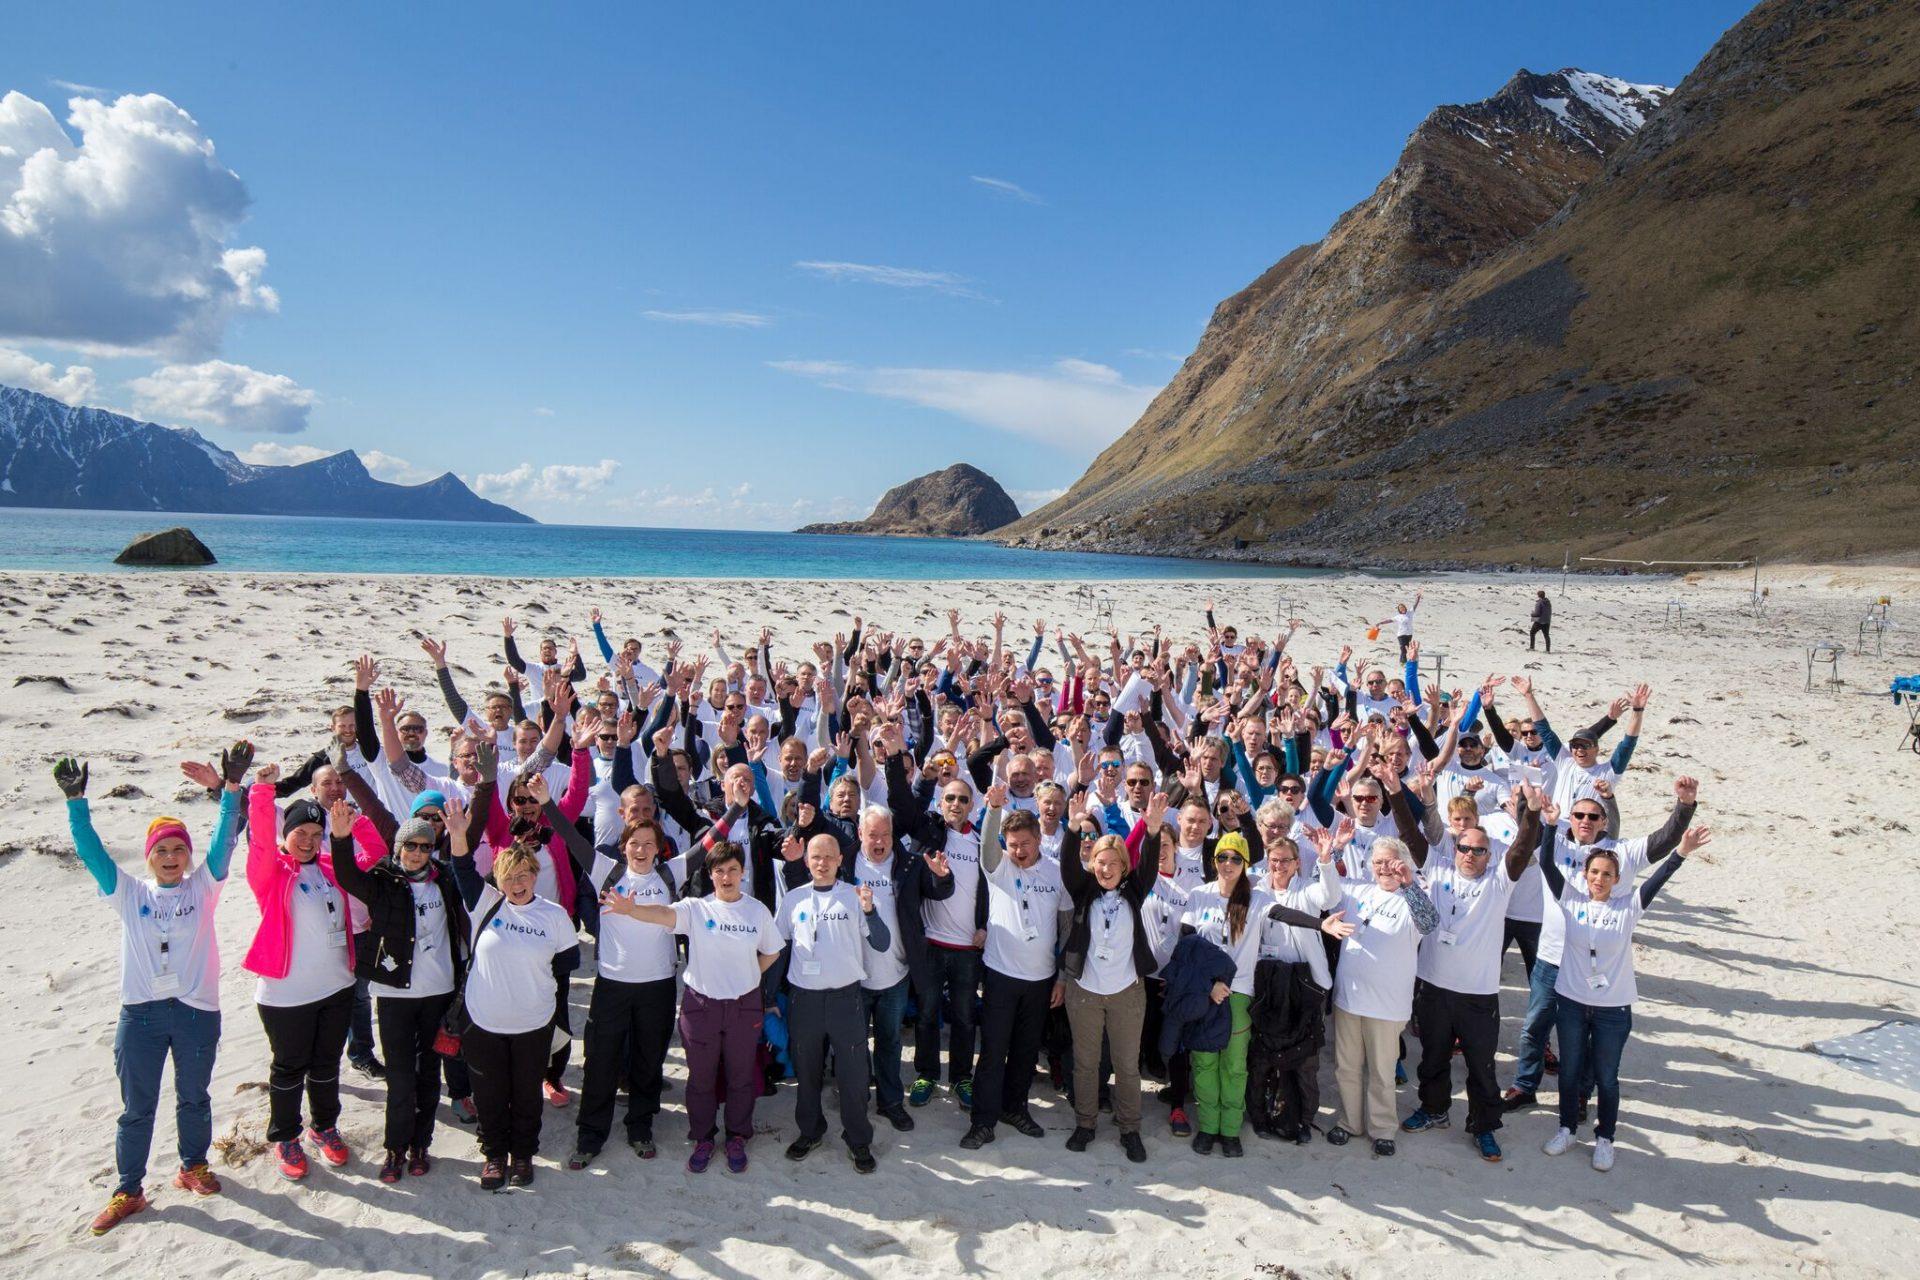 Insula – et av Nordens ledende sjømatkonsern